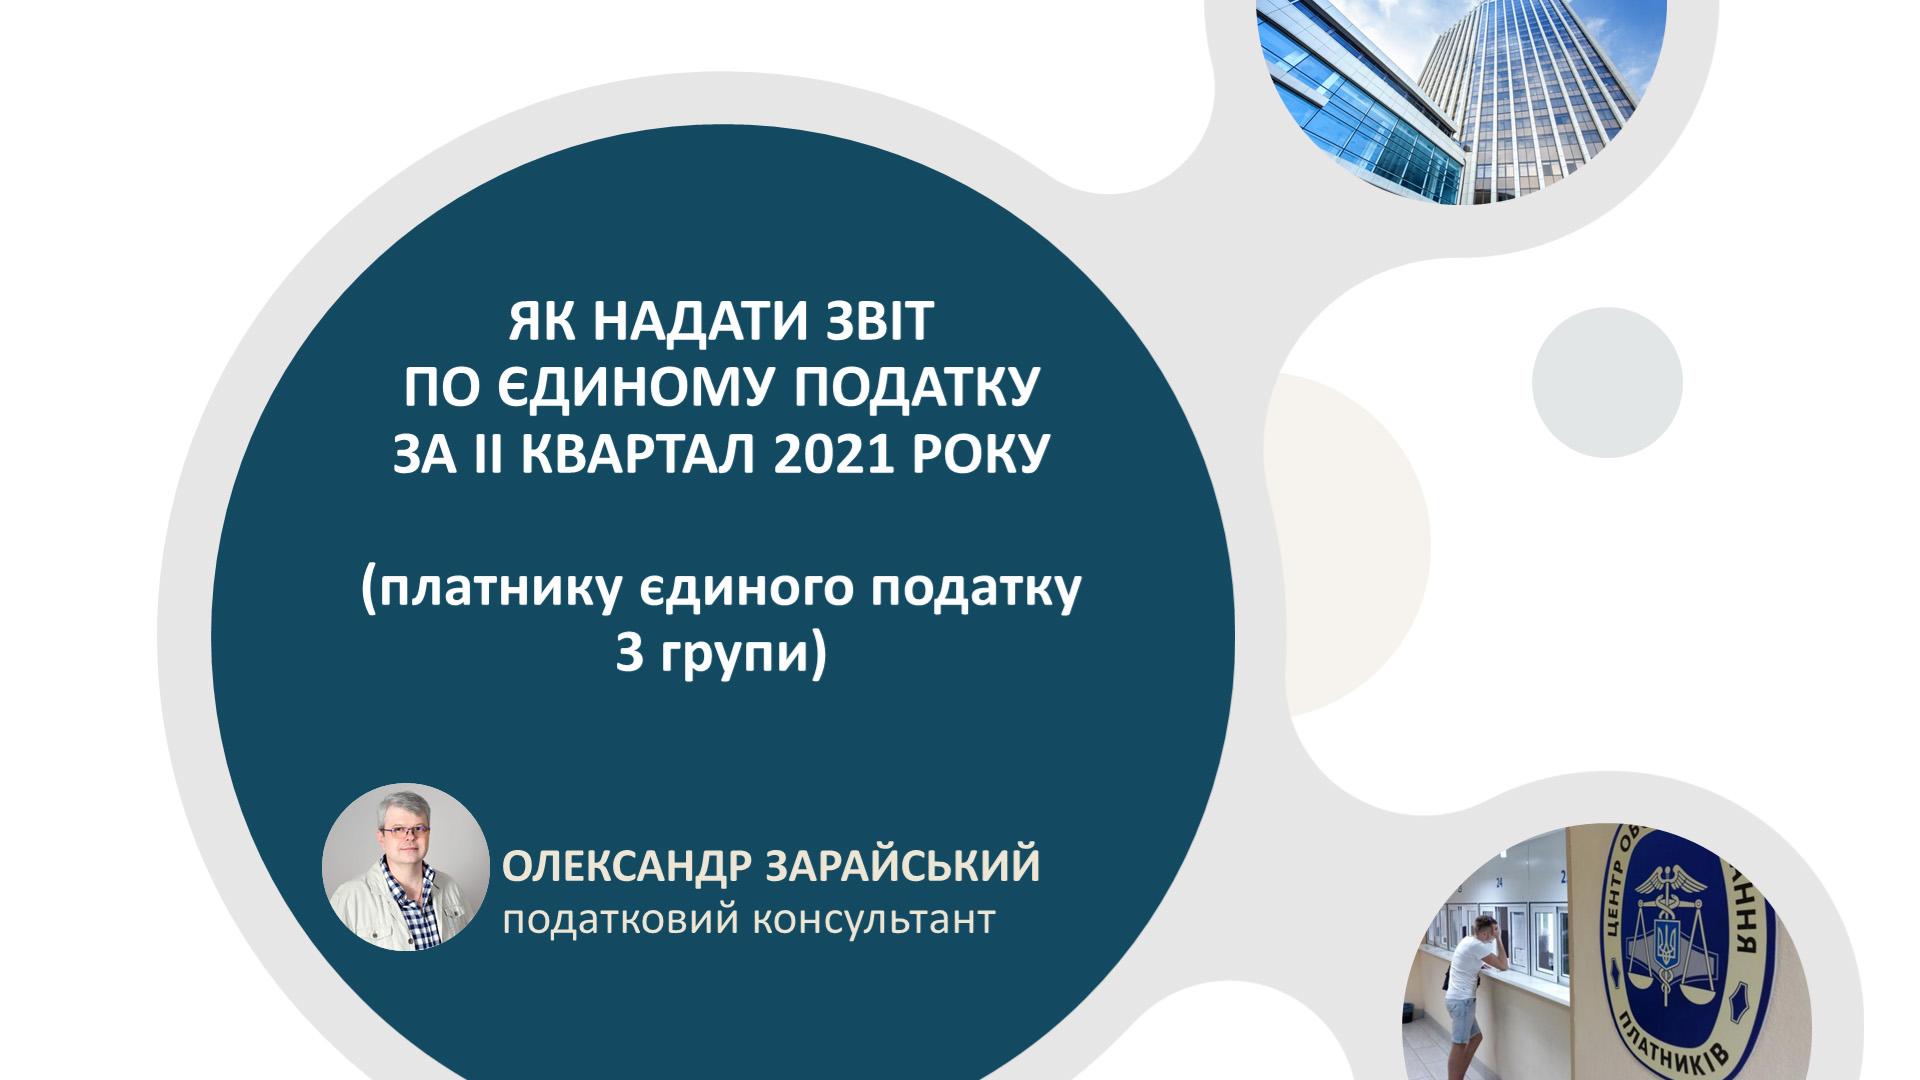 Як підприємцю платнику єдиного податку 3 (третьої) групи надати звіт (декларацію) по єдиному податку за ІІ квартал (перше півріччя) 2021 року